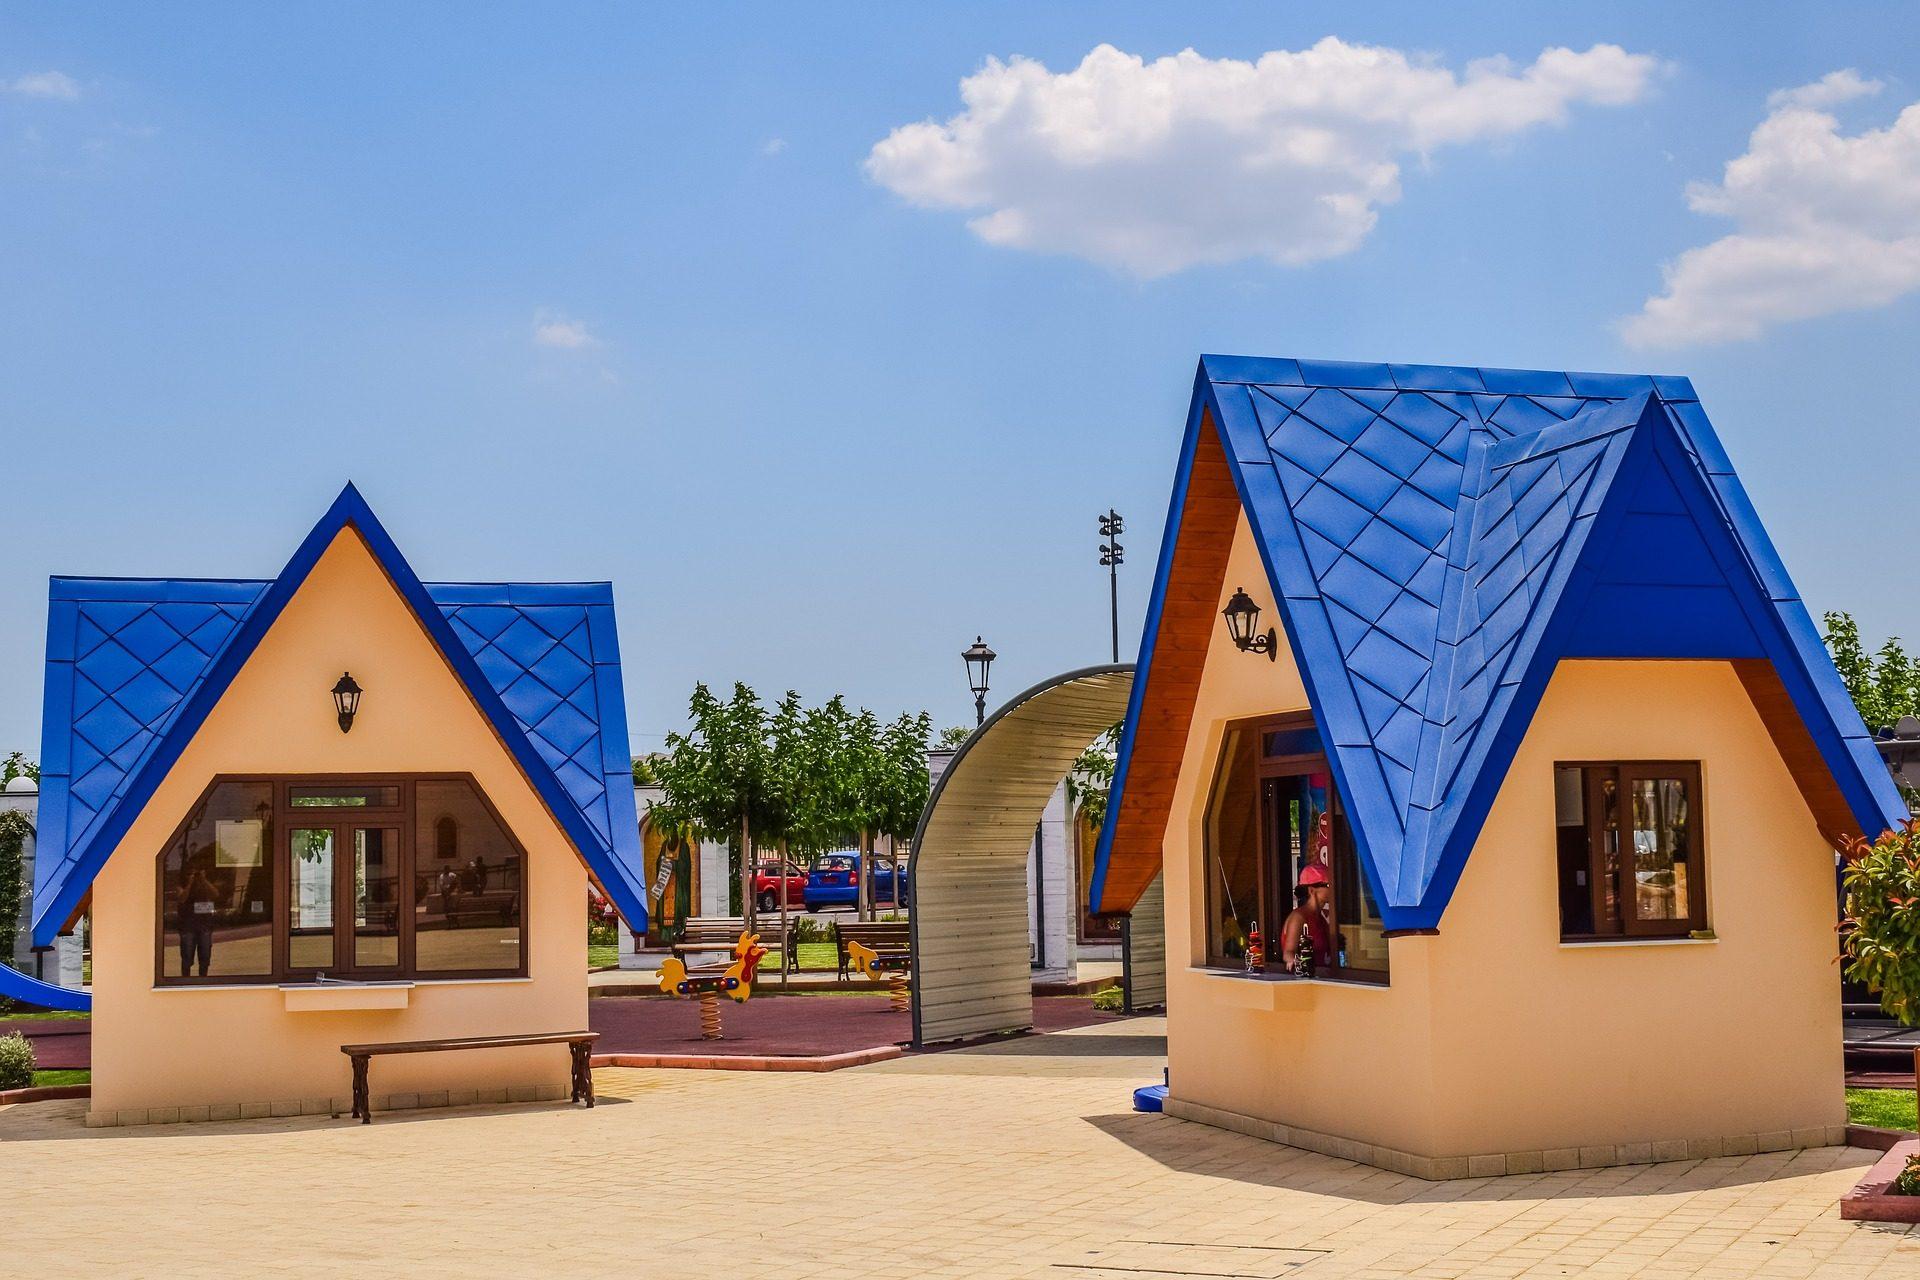 المنازل, كشك, بارك, الطفل, أسقف - خلفيات عالية الدقة - أستاذ falken.com